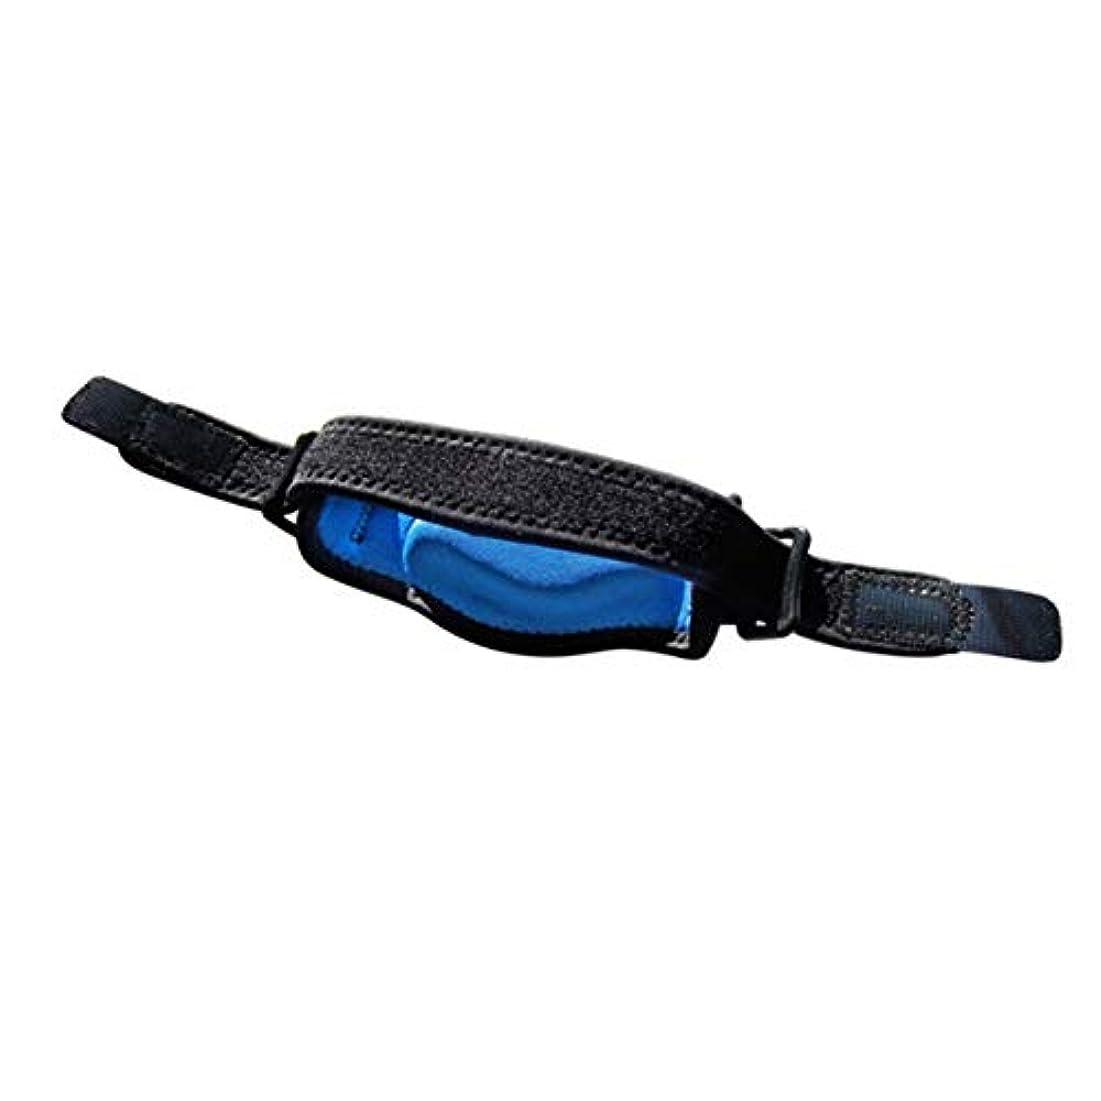 ネコ終了するアプト調節可能なテニス肘サポートストラップブレースゴルフ前腕痛み緩和